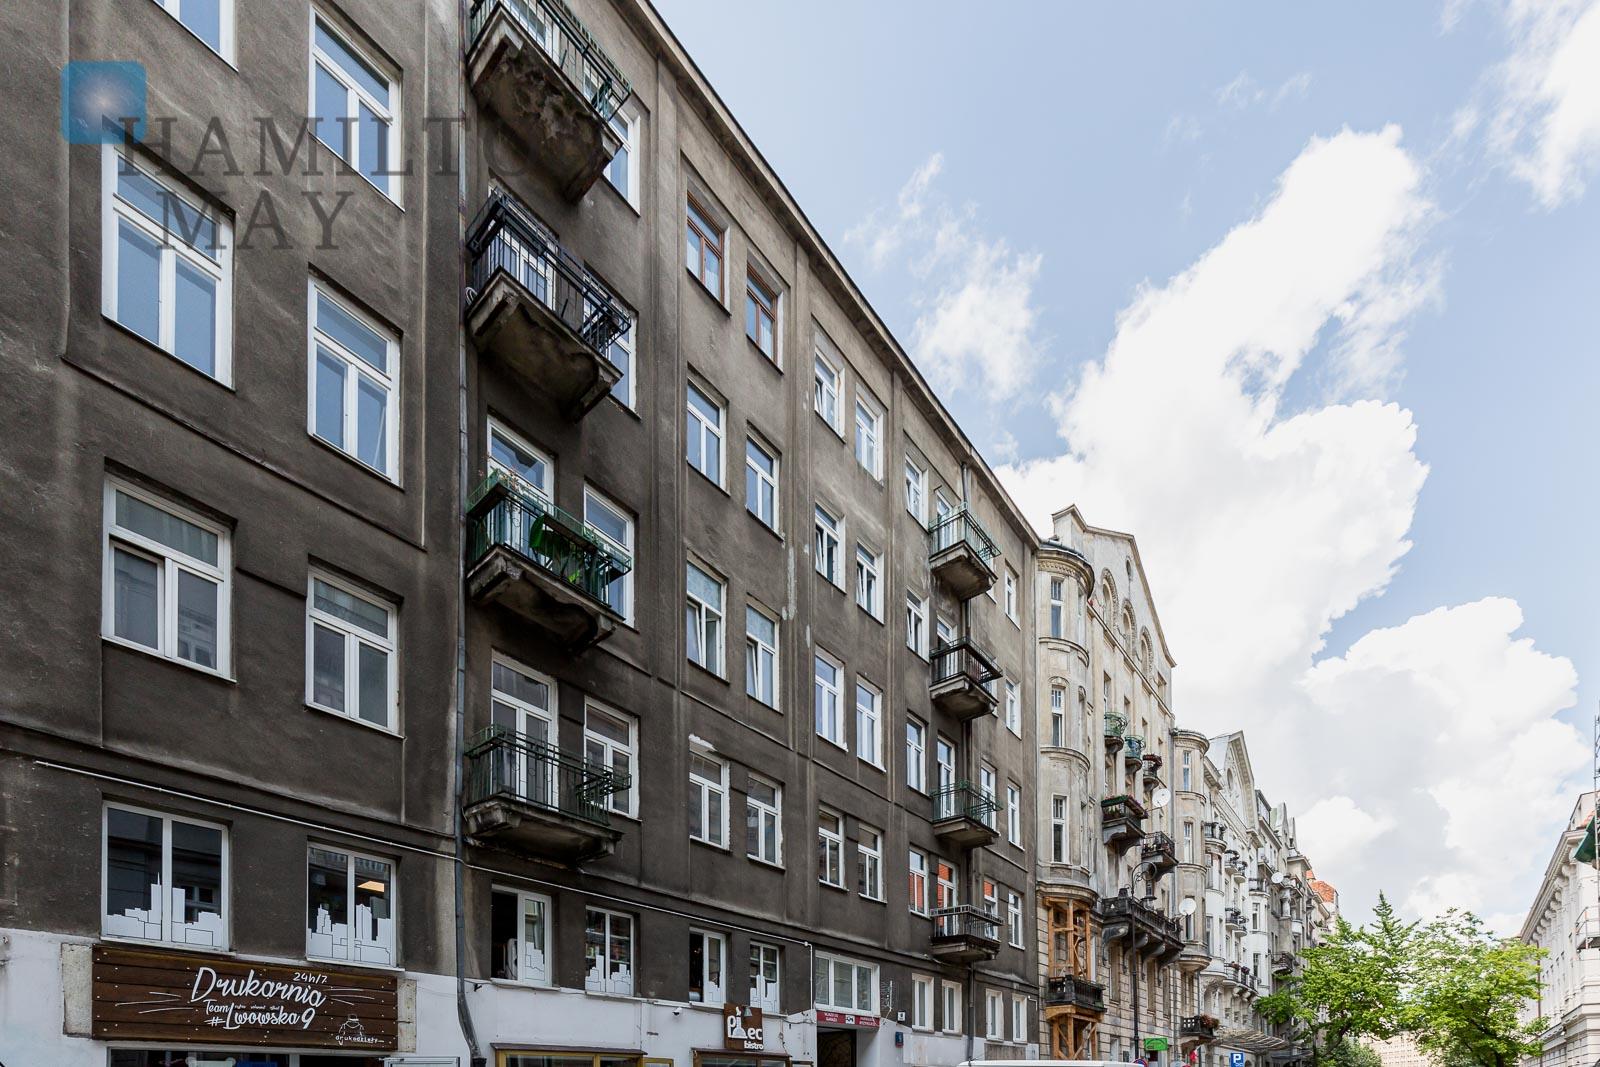 Mikrokawalerki Premium w rewitalizowanej kamienicy na Lwowskiej 9 Warszawa na sprzedaż